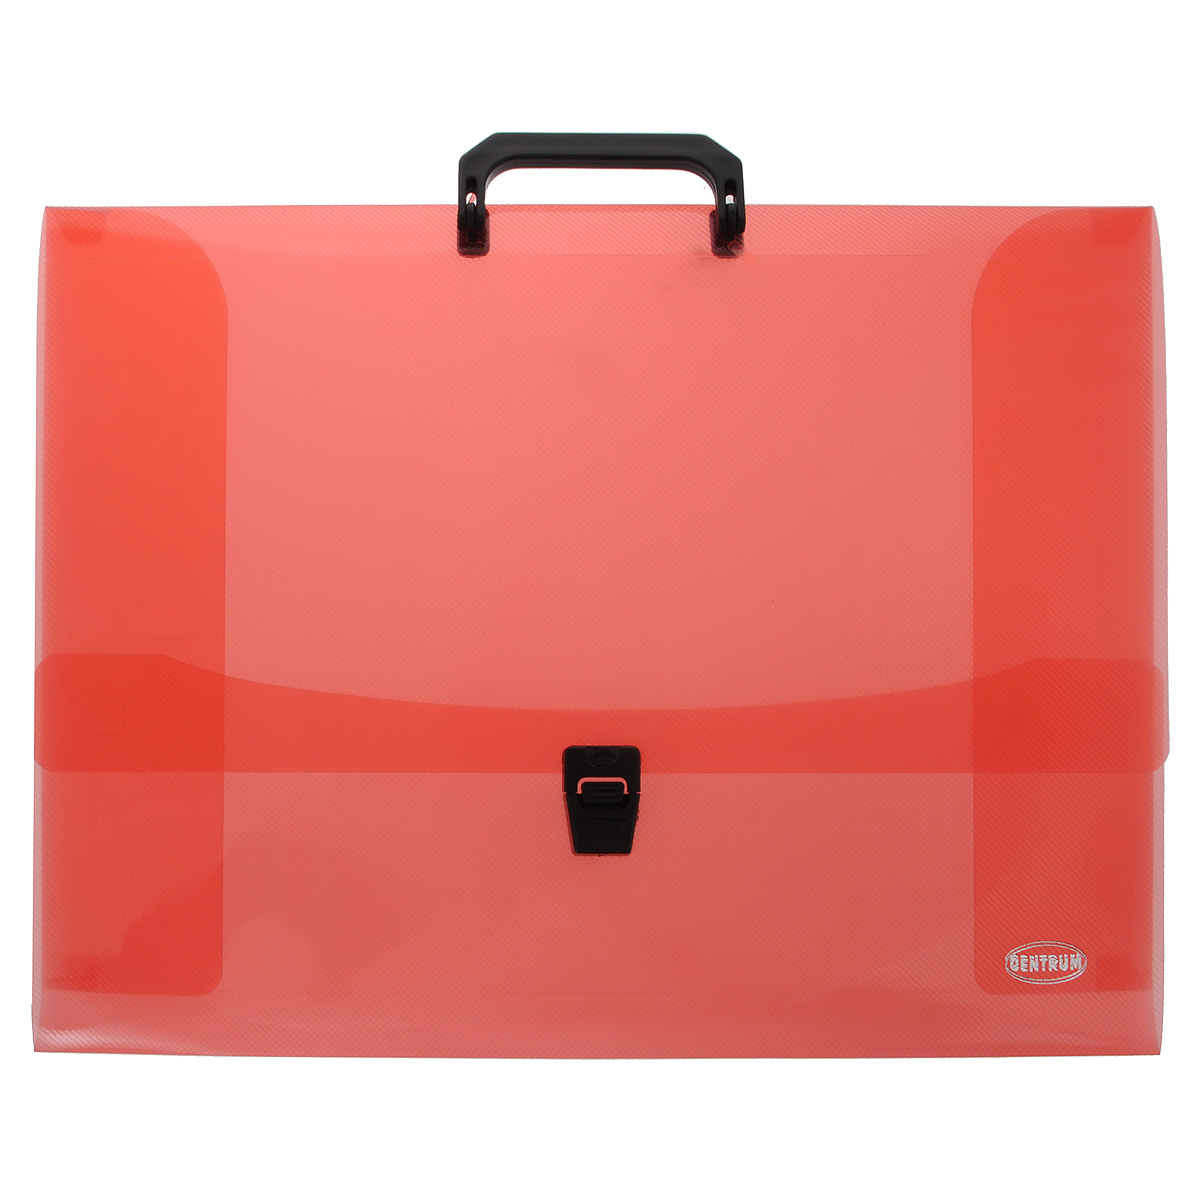 Папка-портфель Centrum, с ручкой, цвет: красный. Формат А380652 красныйПапка-портфель Centrum станет вашим верным помощником дома и в офисе. Это удобный и функциональный инструмент, предназначенный для хранения и транспортировки больших объемов рабочих бумаг и документов формата А3.Папка изготовлена из износостойкого полупрозрачного высококачественного пластика и закрывается на широкий клапан с замком. Состоит одного вместительных отделений. Папка оформлена оригинальным тиснением. Папка имеет удобную ручку для переноски.Папка - это незаменимый атрибут для любого студента, школьника или офисного работника. Такая папка надежно сохранит ваши бумаги и сбережет их от повреждений, пыли и влаги.